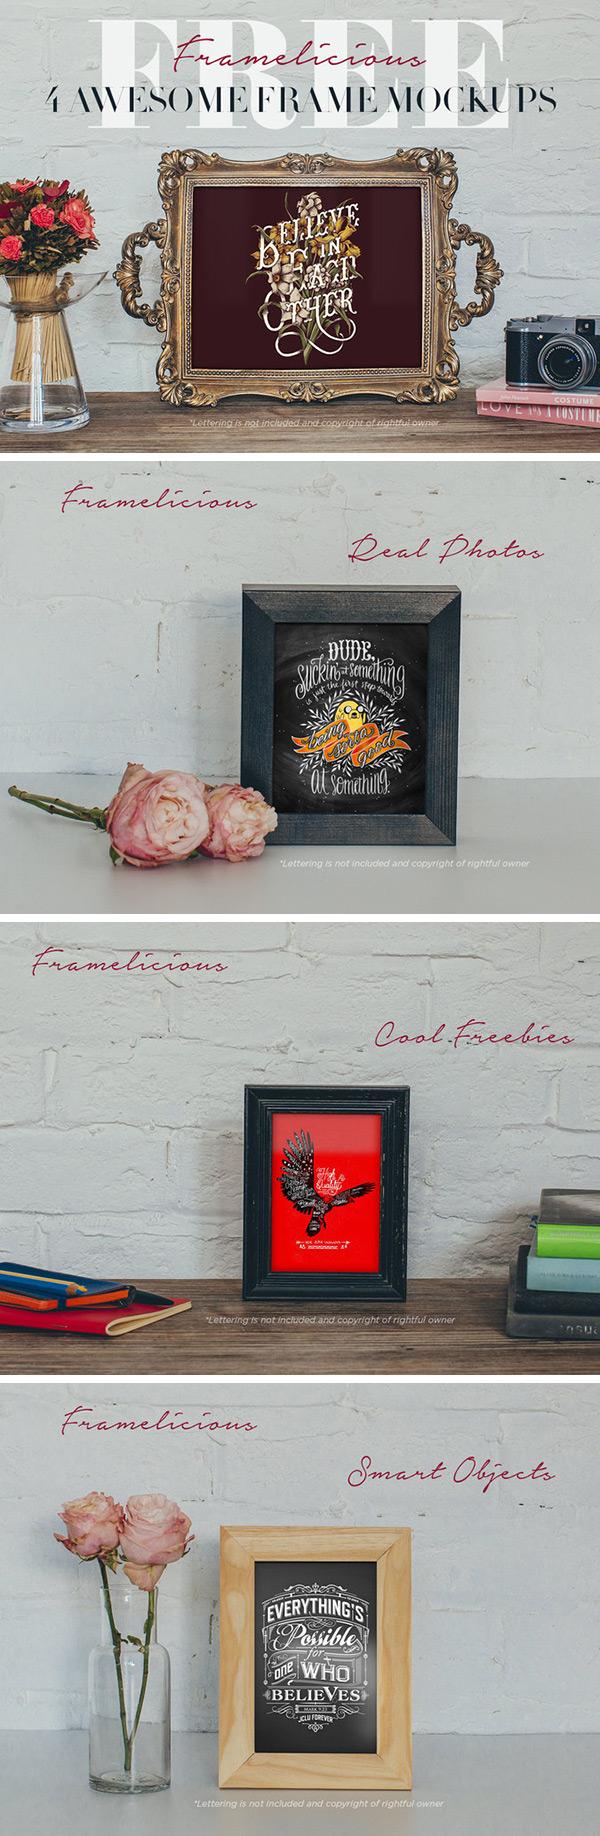 framelicious-mockup600